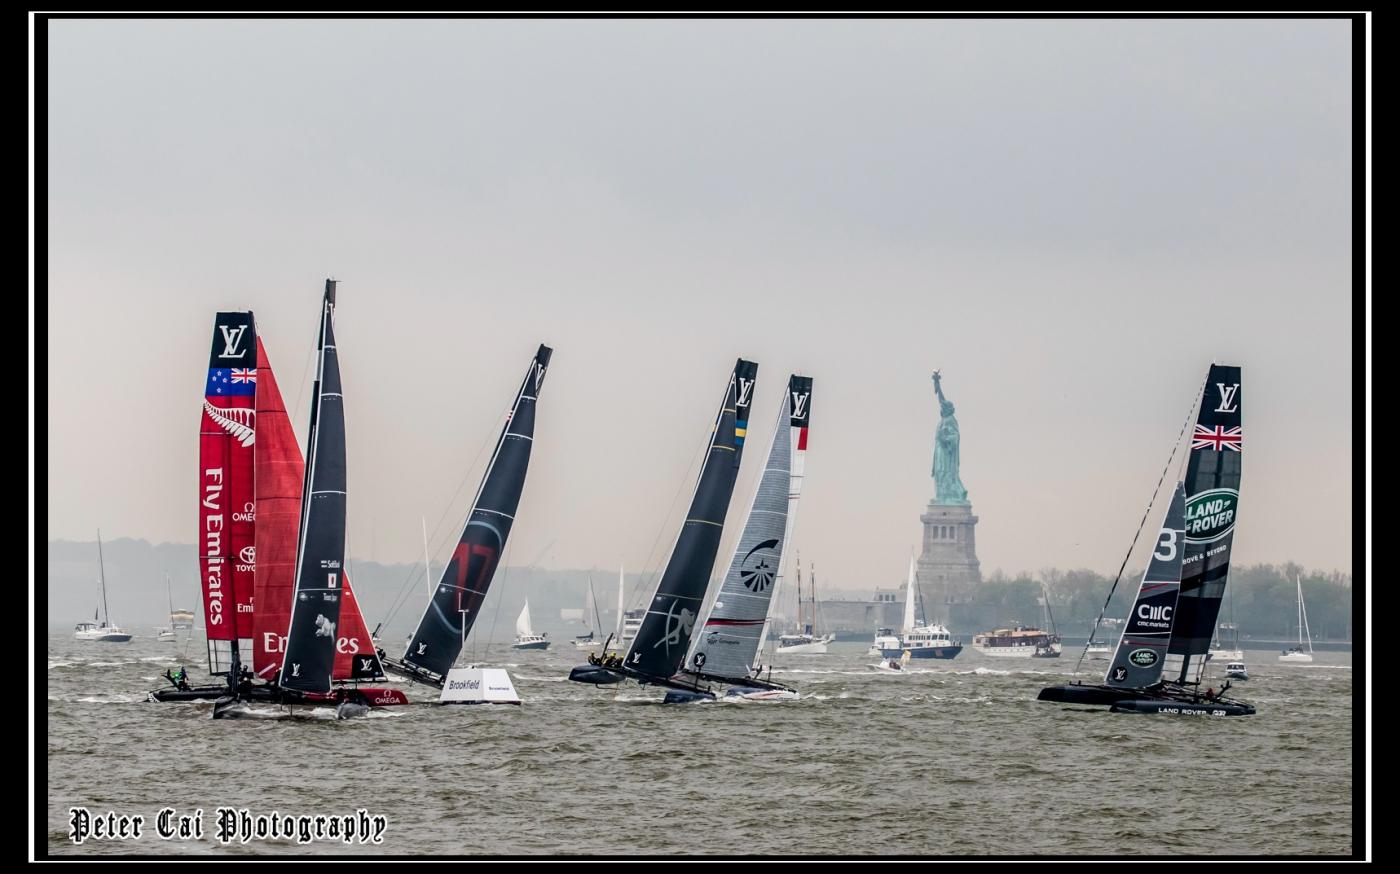 美洲杯LV之路易斯威登杯帆船赛 现场_图1-3